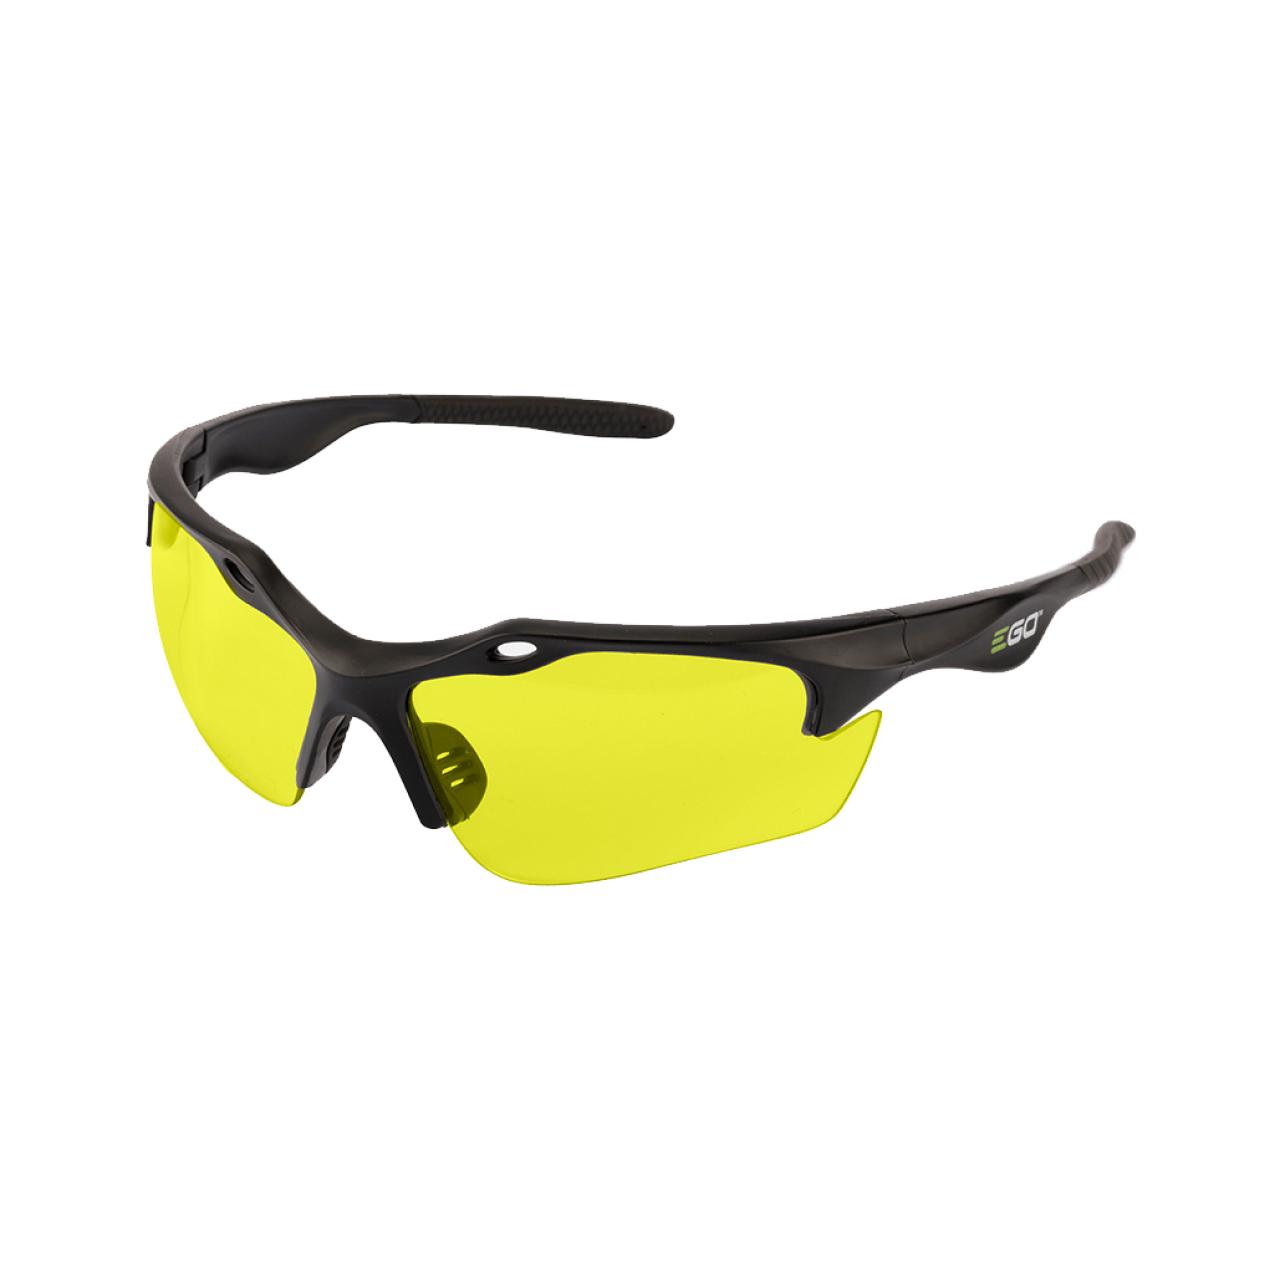 Schutzbrille GS001/GS002/GS003